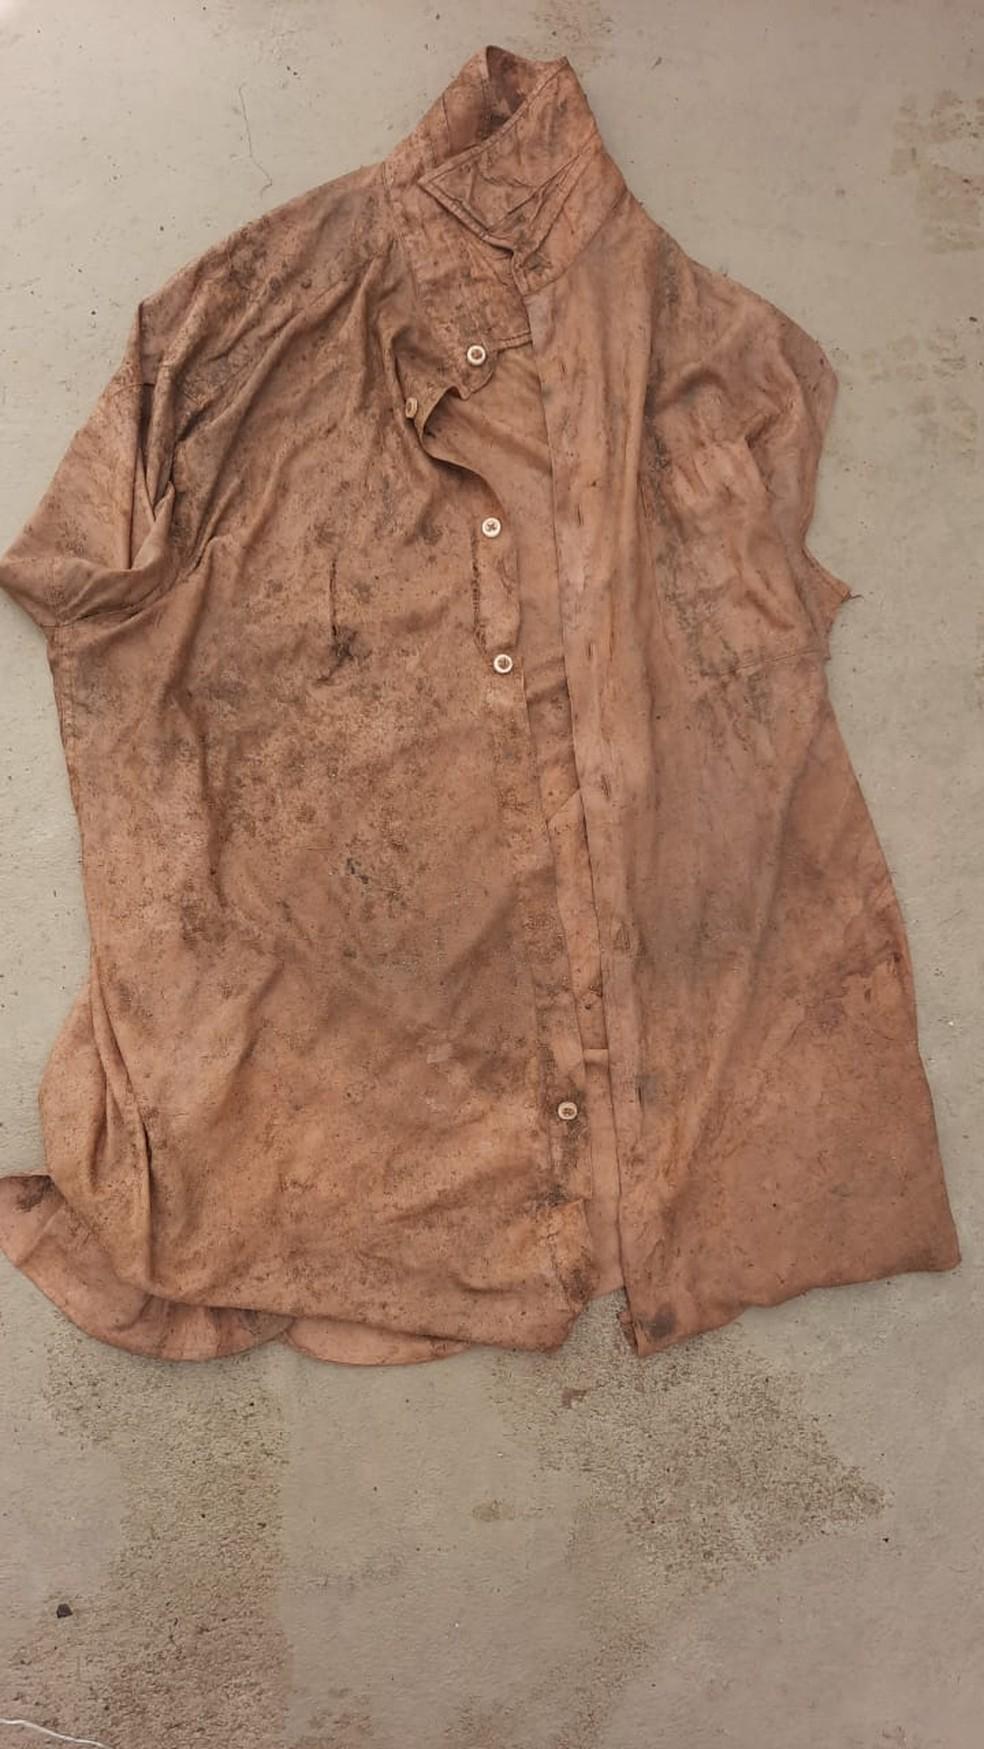 Camisa encontrada com ossada de adolescente em Maribondo, AL — Foto: Polícia Civil de Alagoas